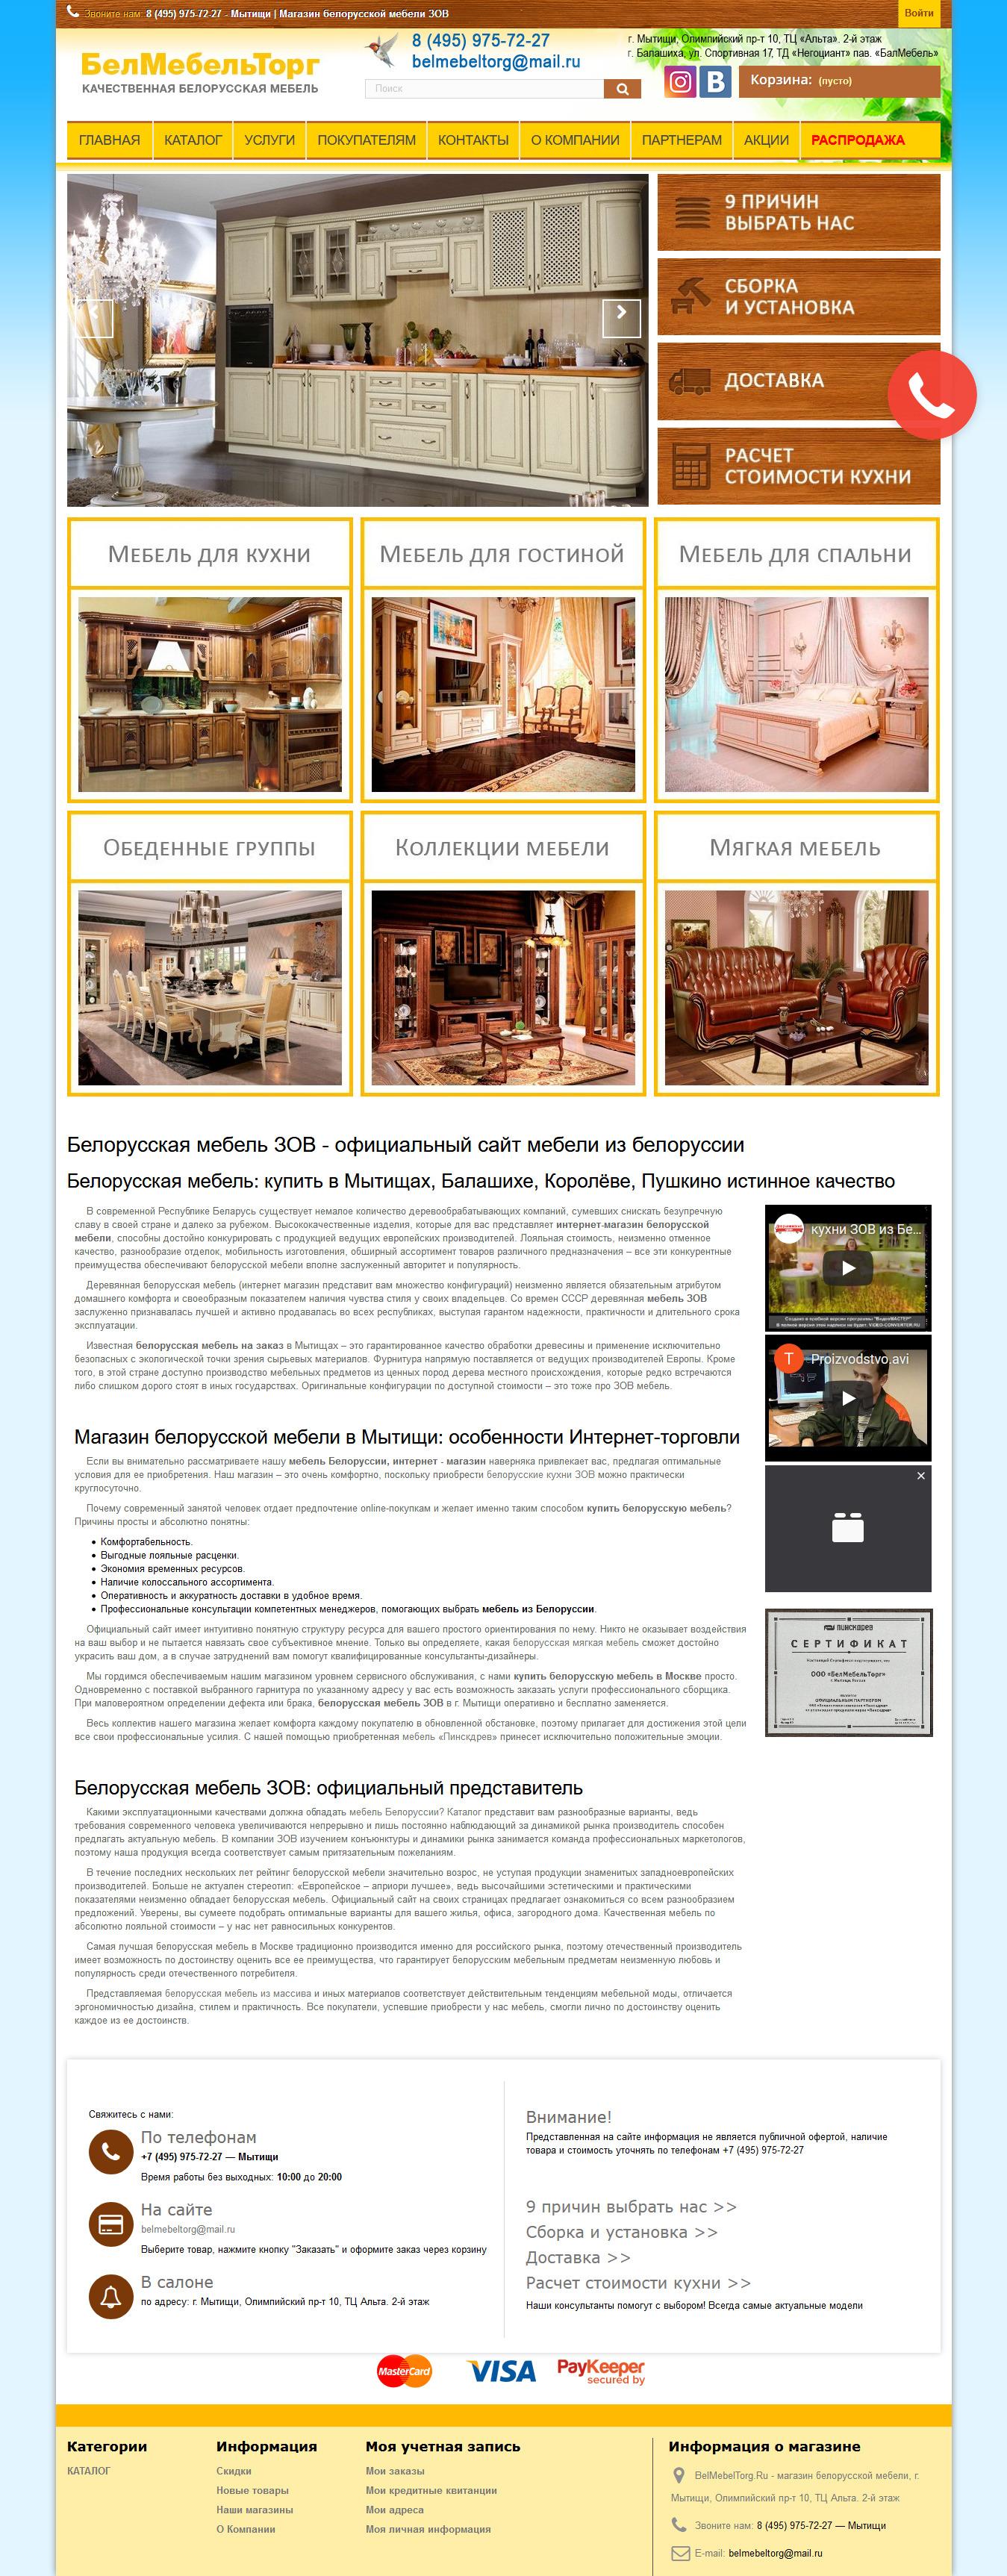 Белорусская мебель ЗОВ - официальный сайт